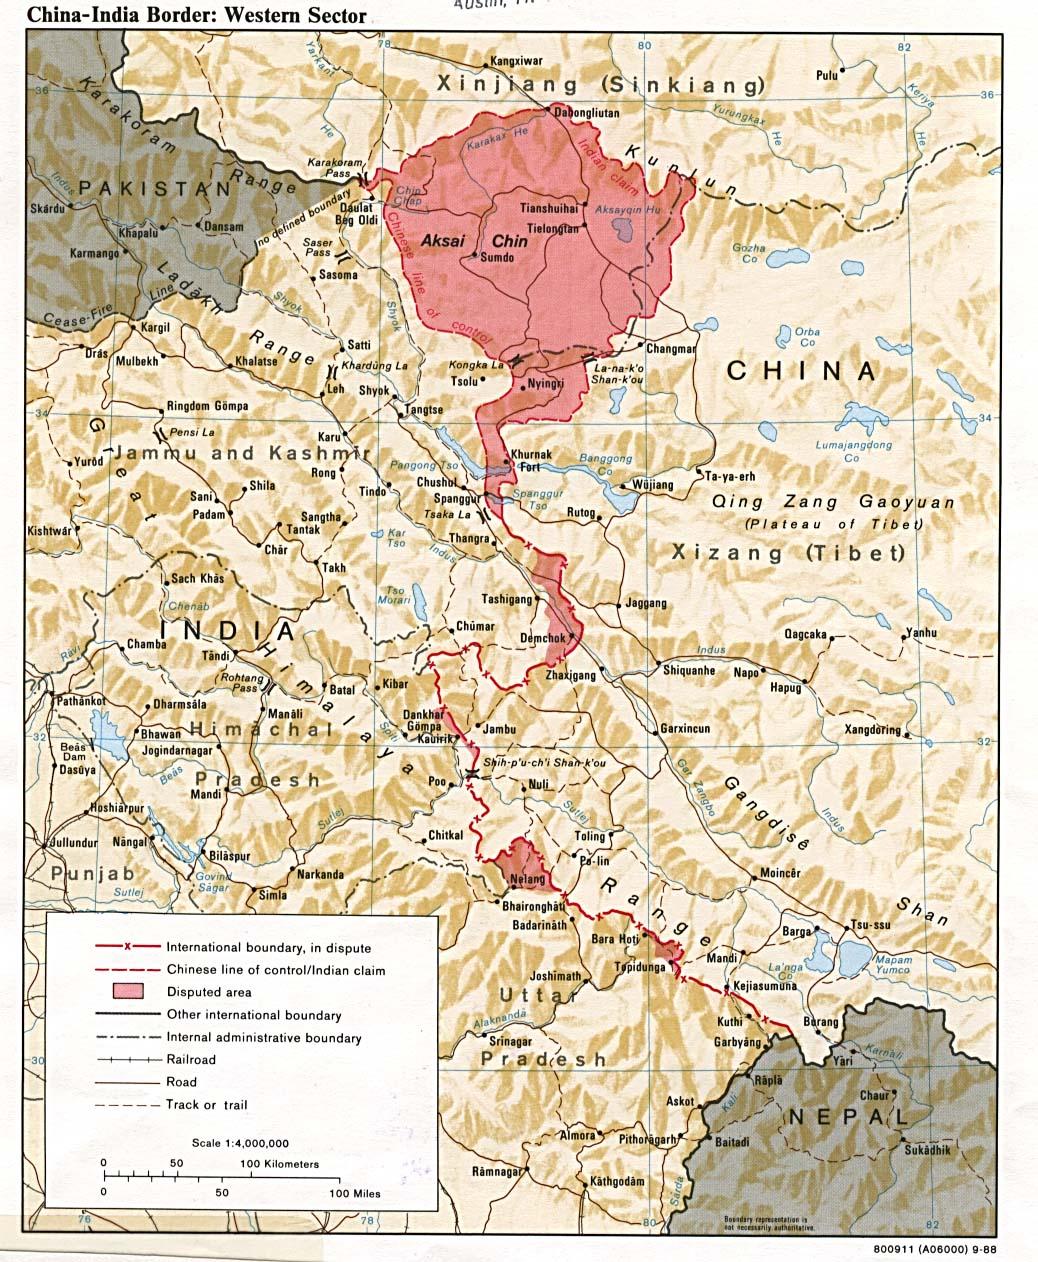 Les territoires disputés de l'Aksai Chin (aujourd'hui État de Jammu & Cachemire) © Université d'Austin, Texas